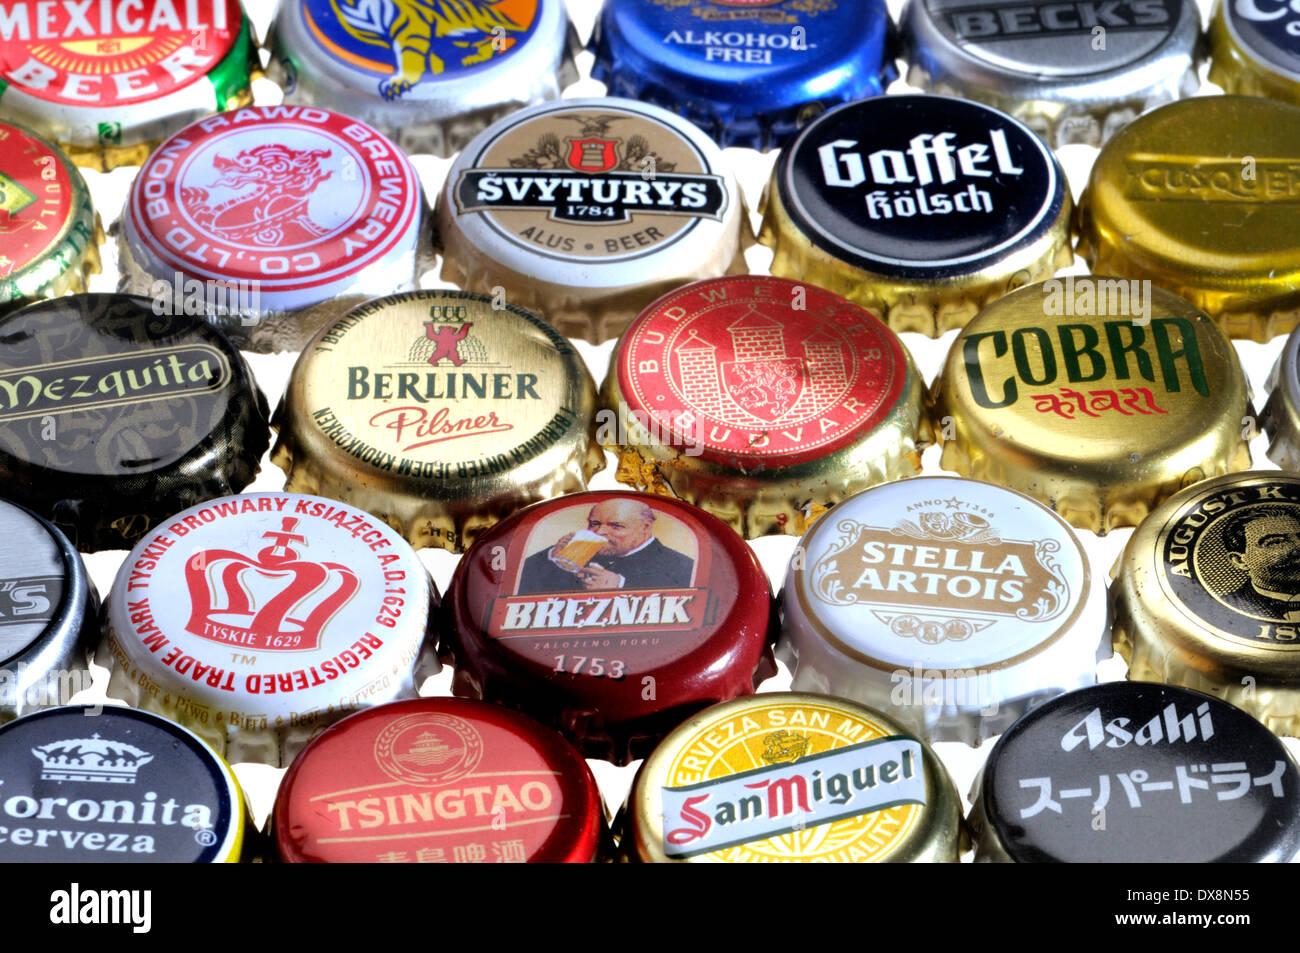 Beer bottle caps / crown corks. International beers - Stock Image